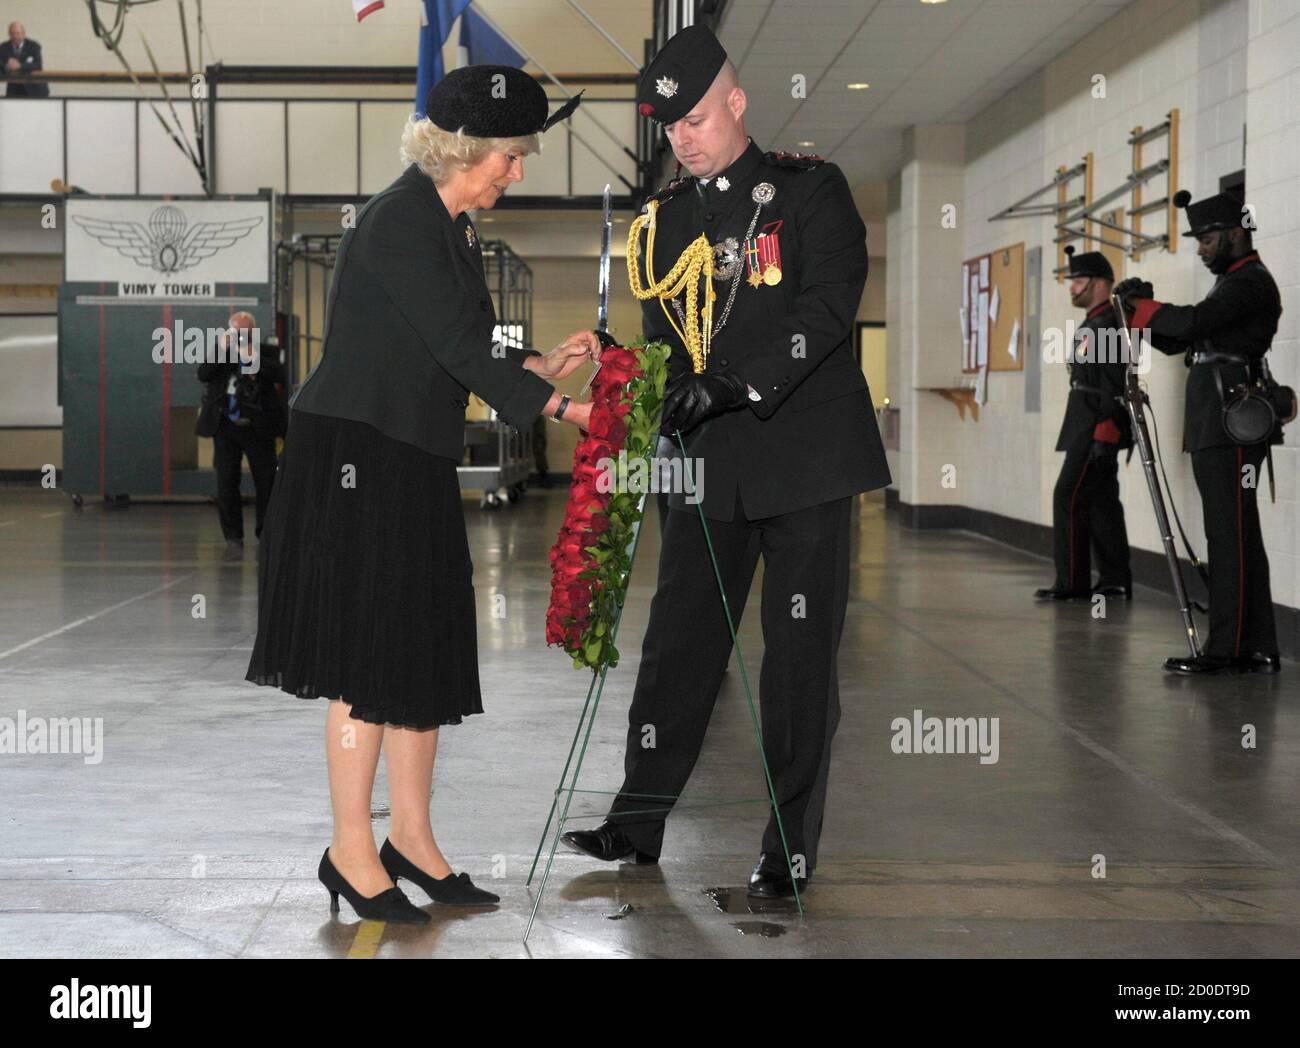 Camilla, Herzogin von Cornwall, legt einen Kranz bei ihrem ersten Besuch als der neue Oberst-in-Chief, eigene Gewehre der Königin Moos Park Zeughaus in Toronto 22. Mai 2012. Der Prince Of Wales und seine Frau sind auf eine dreitägige königliche Tour durch Kanada im Rahmen von Veranstaltungen, die der Königin Diamond Jubilee markieren. REUTERS/Mike Cassese (Kanada - Tags: ENTERTAINMENT militärische Politik ROYALS) Stockfoto